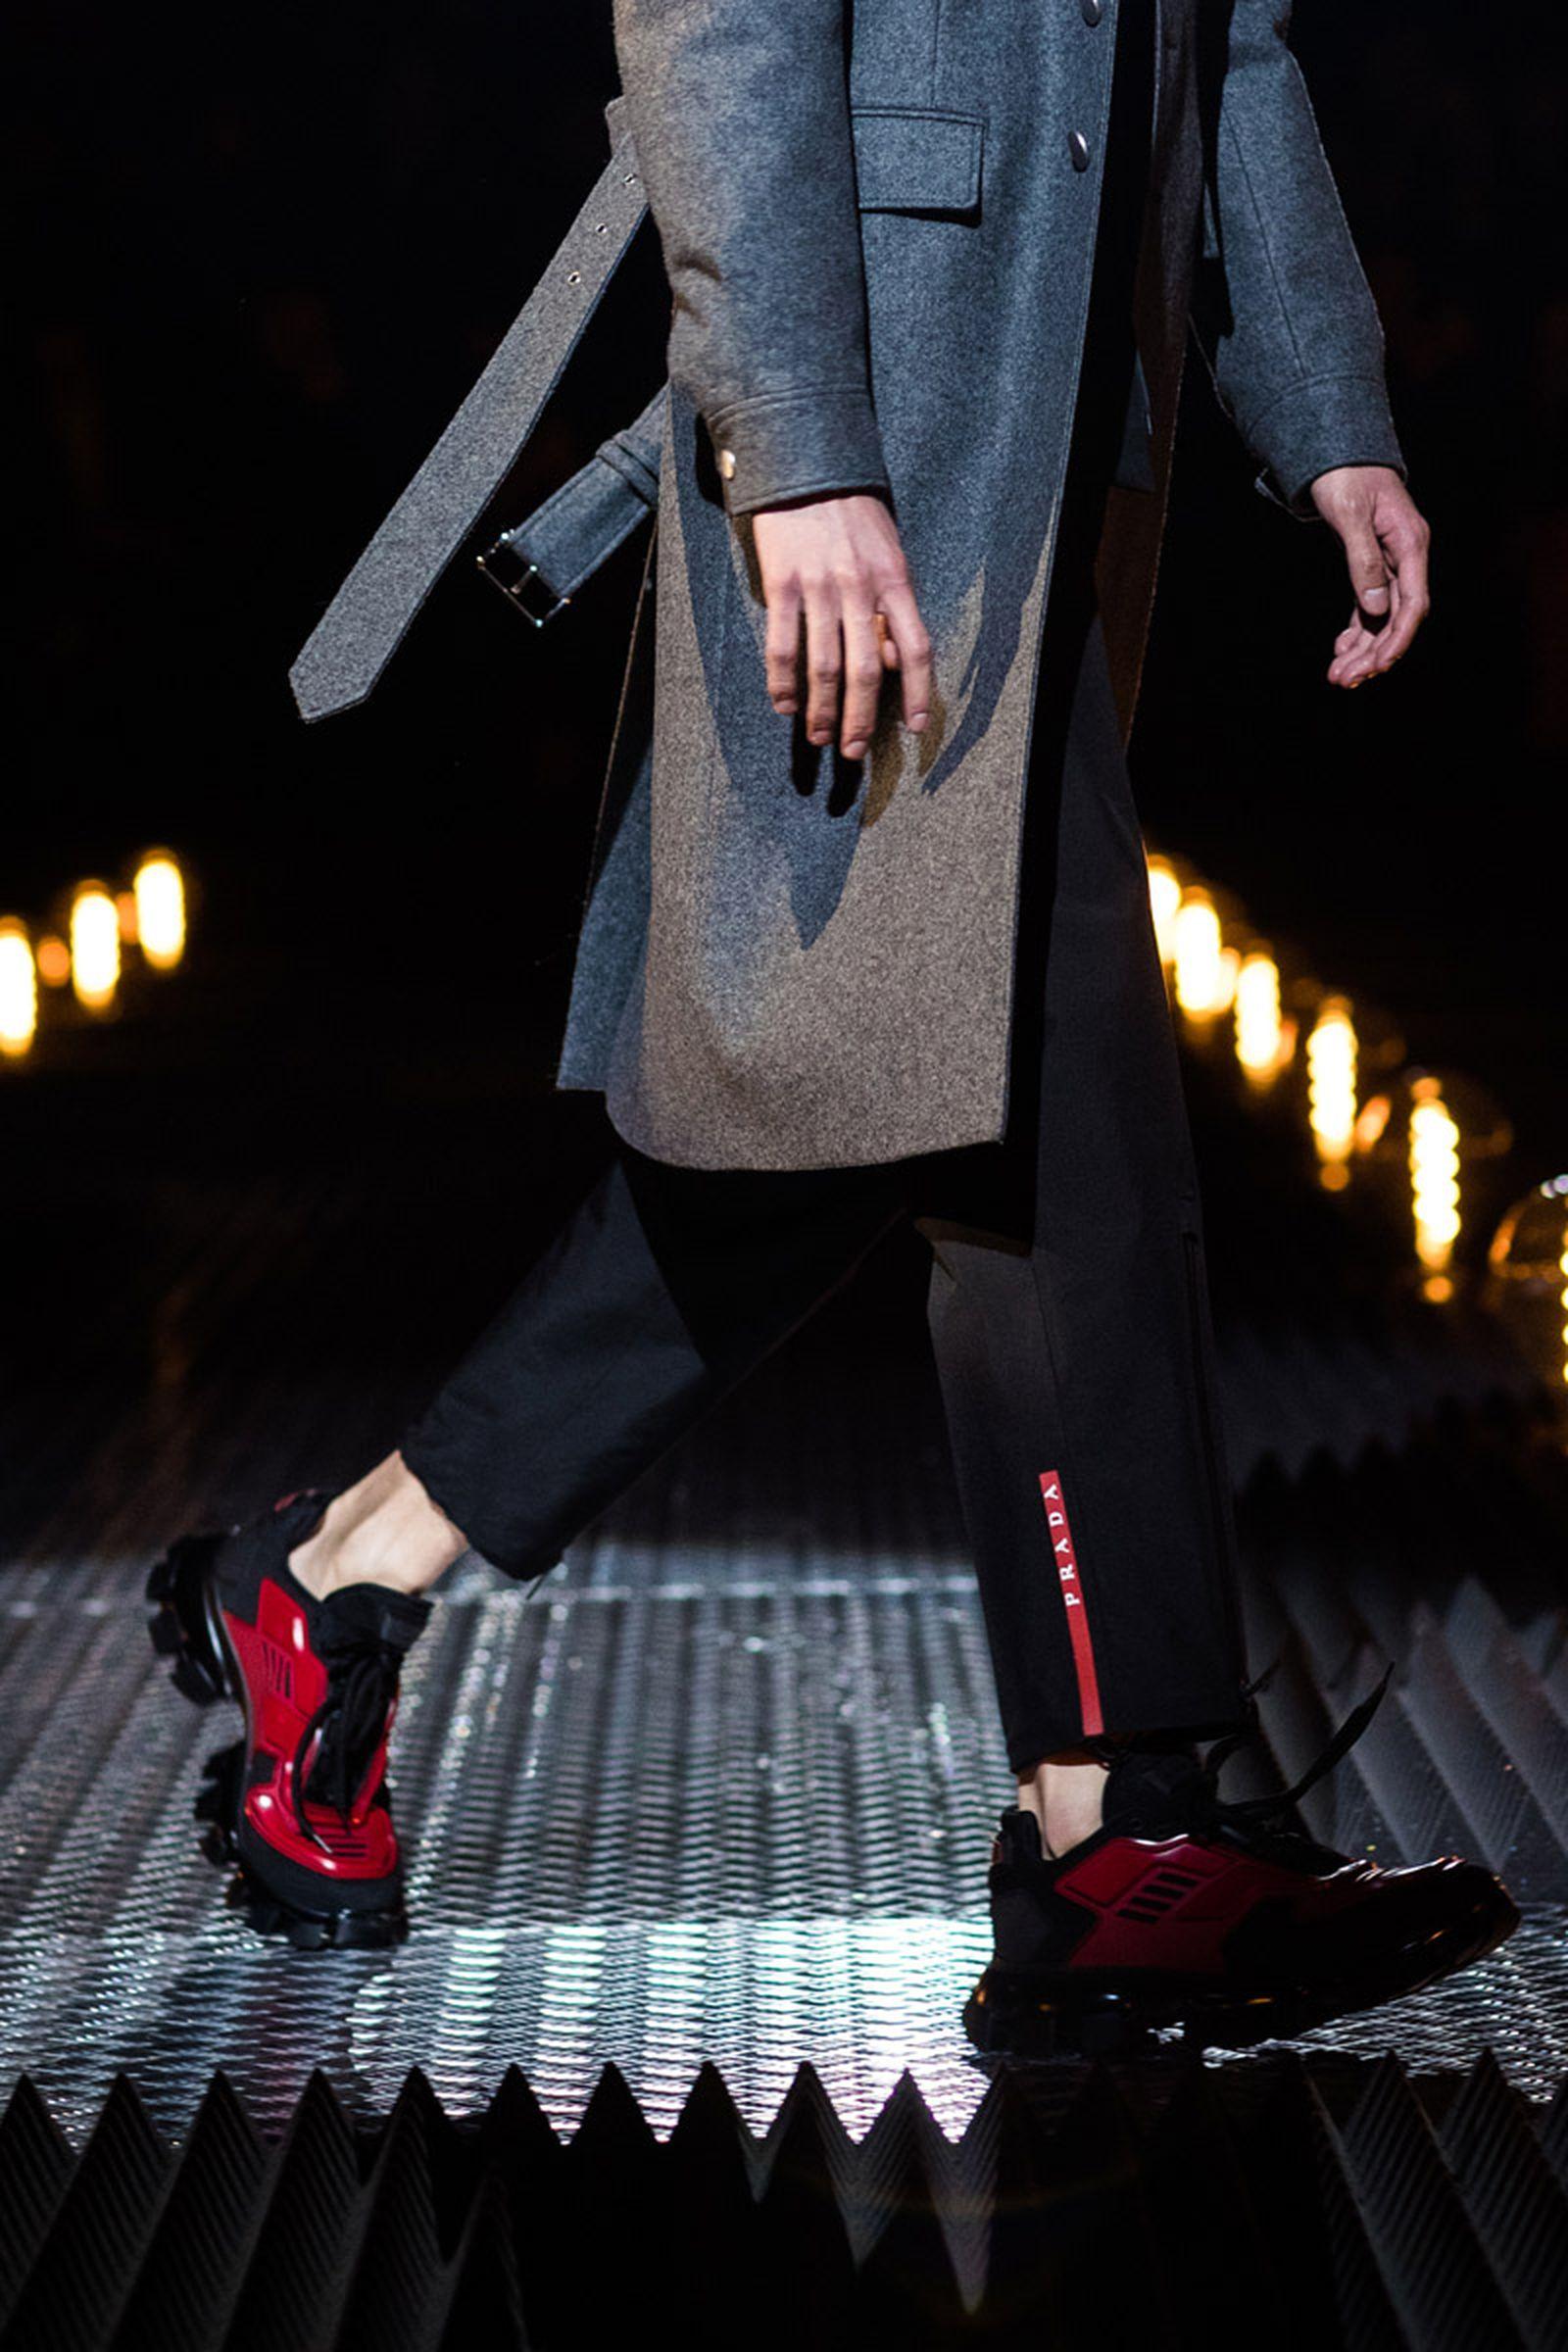 10prada fw19 milan fashion week rumway runway